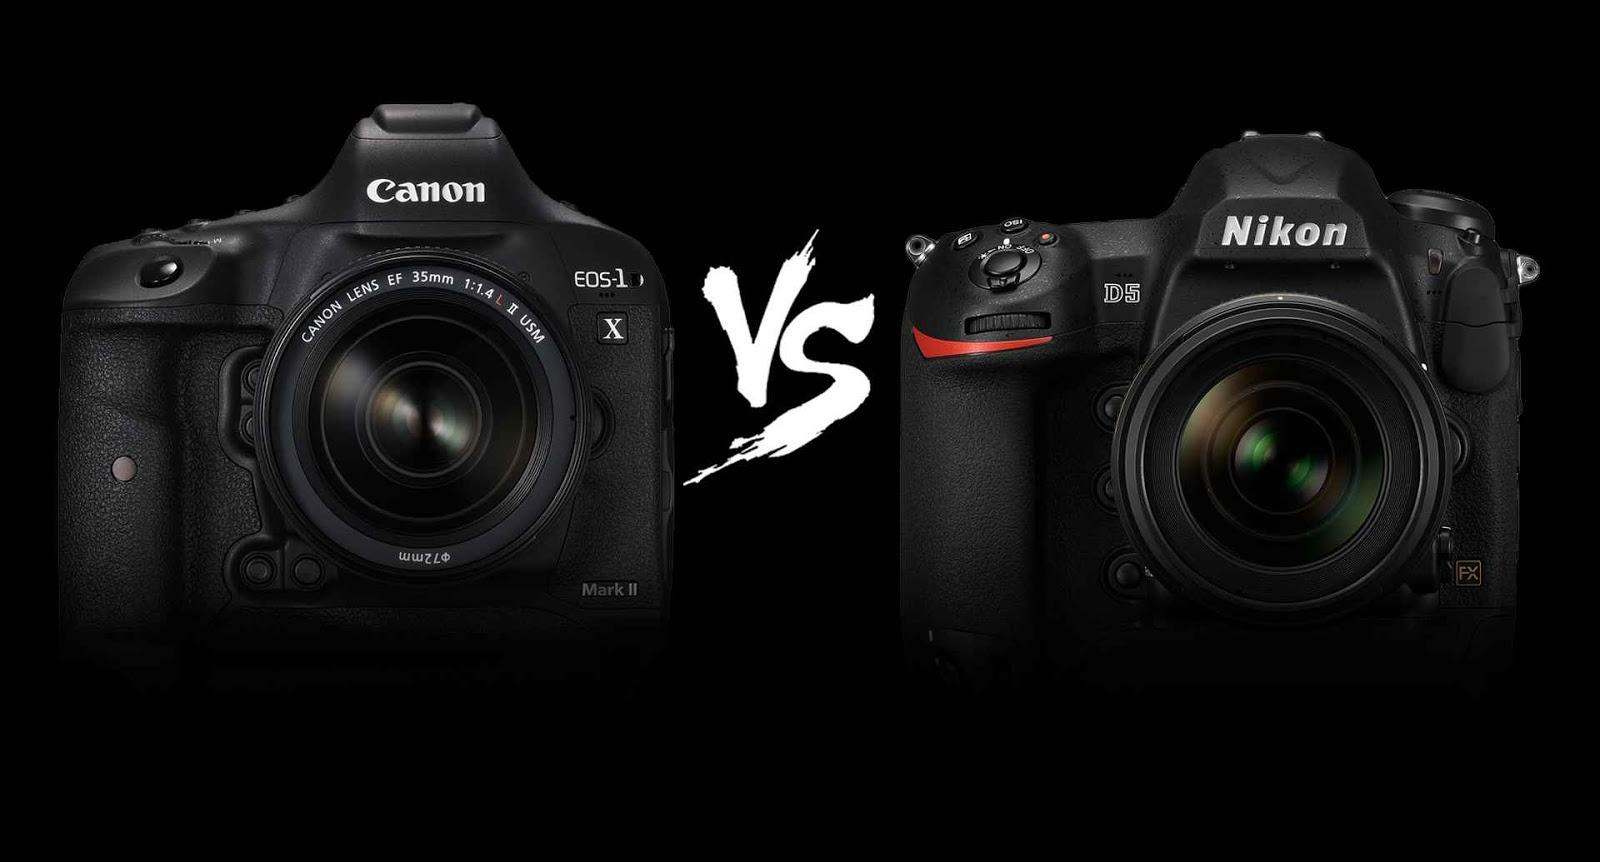 Camera Canon Cameras Full Frame Dslr canon vs nikon and others full frame dslr d5